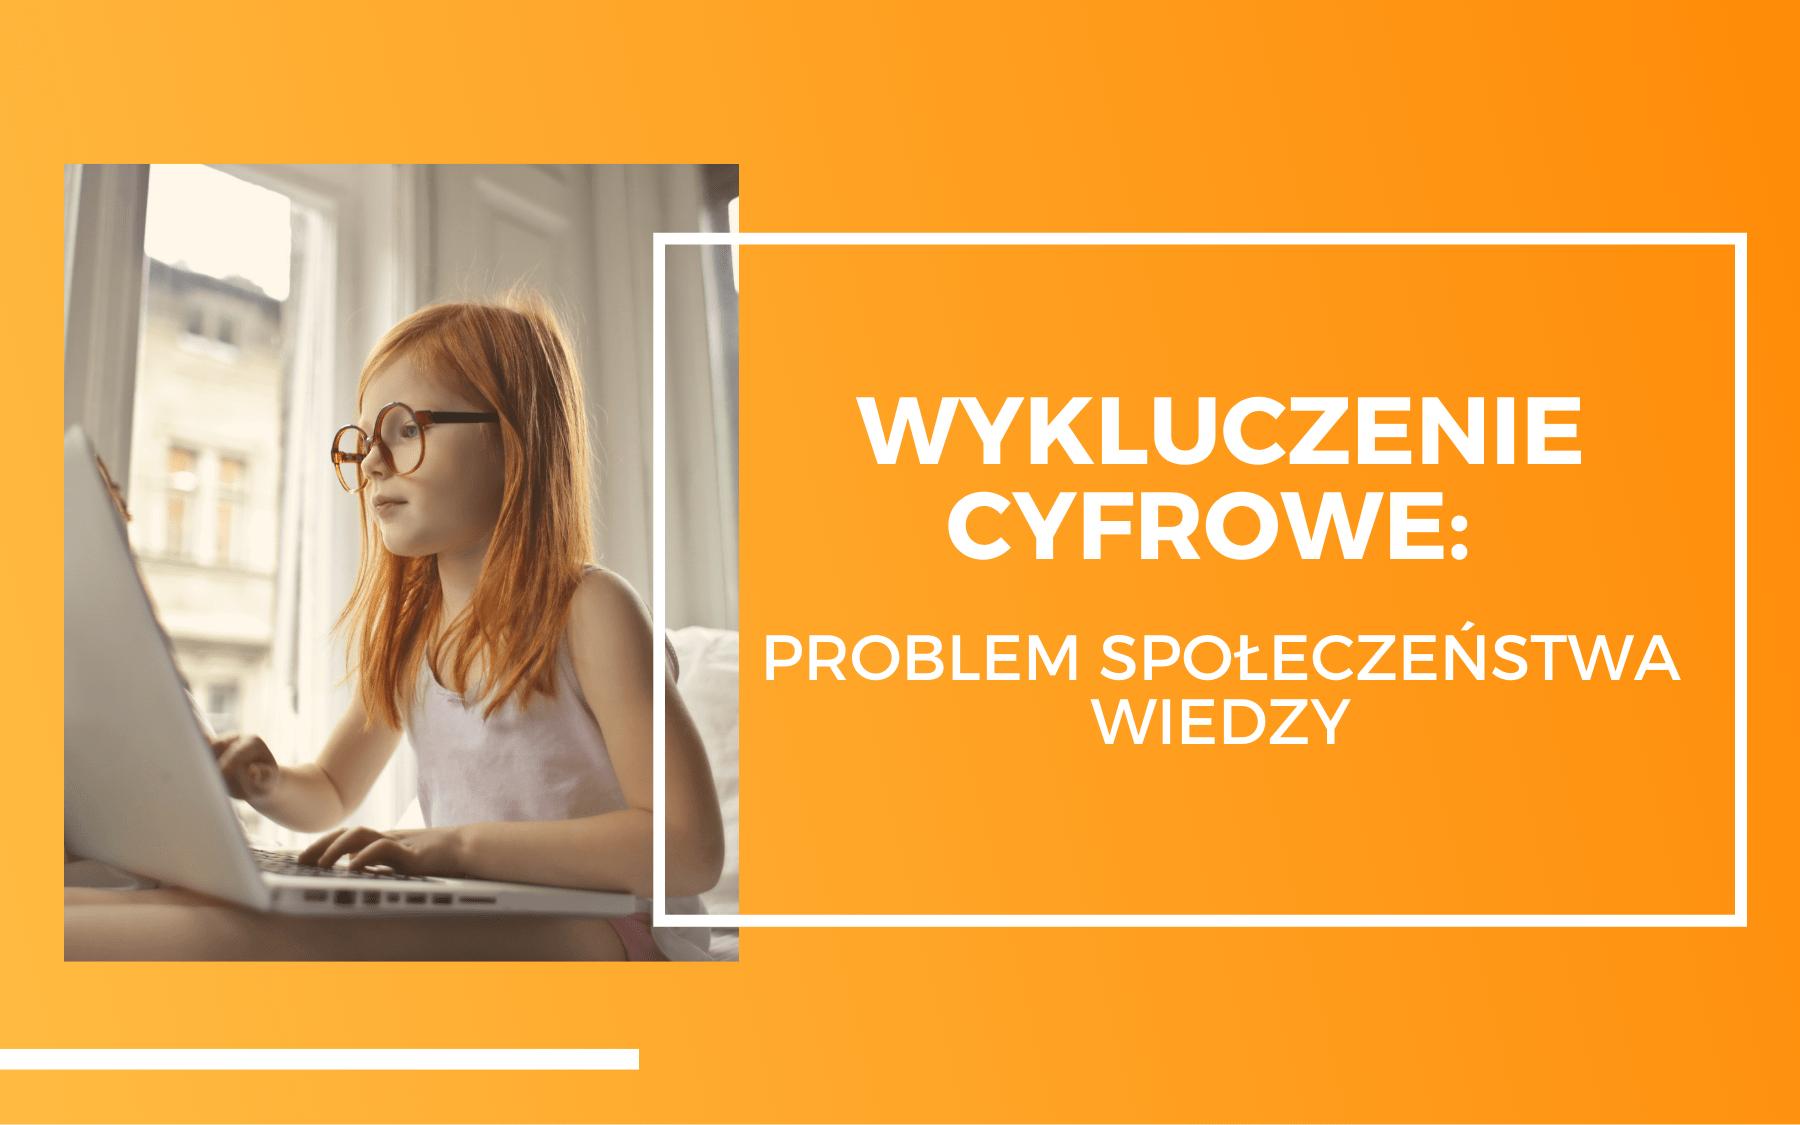 Rudowłosa dziewczynka w okularach patrząca w ekran komputera. Po prawej stronie na pomarańczowym tle napis: Wykluczenie cyfrowe, problem społeczeństwa wiedzy